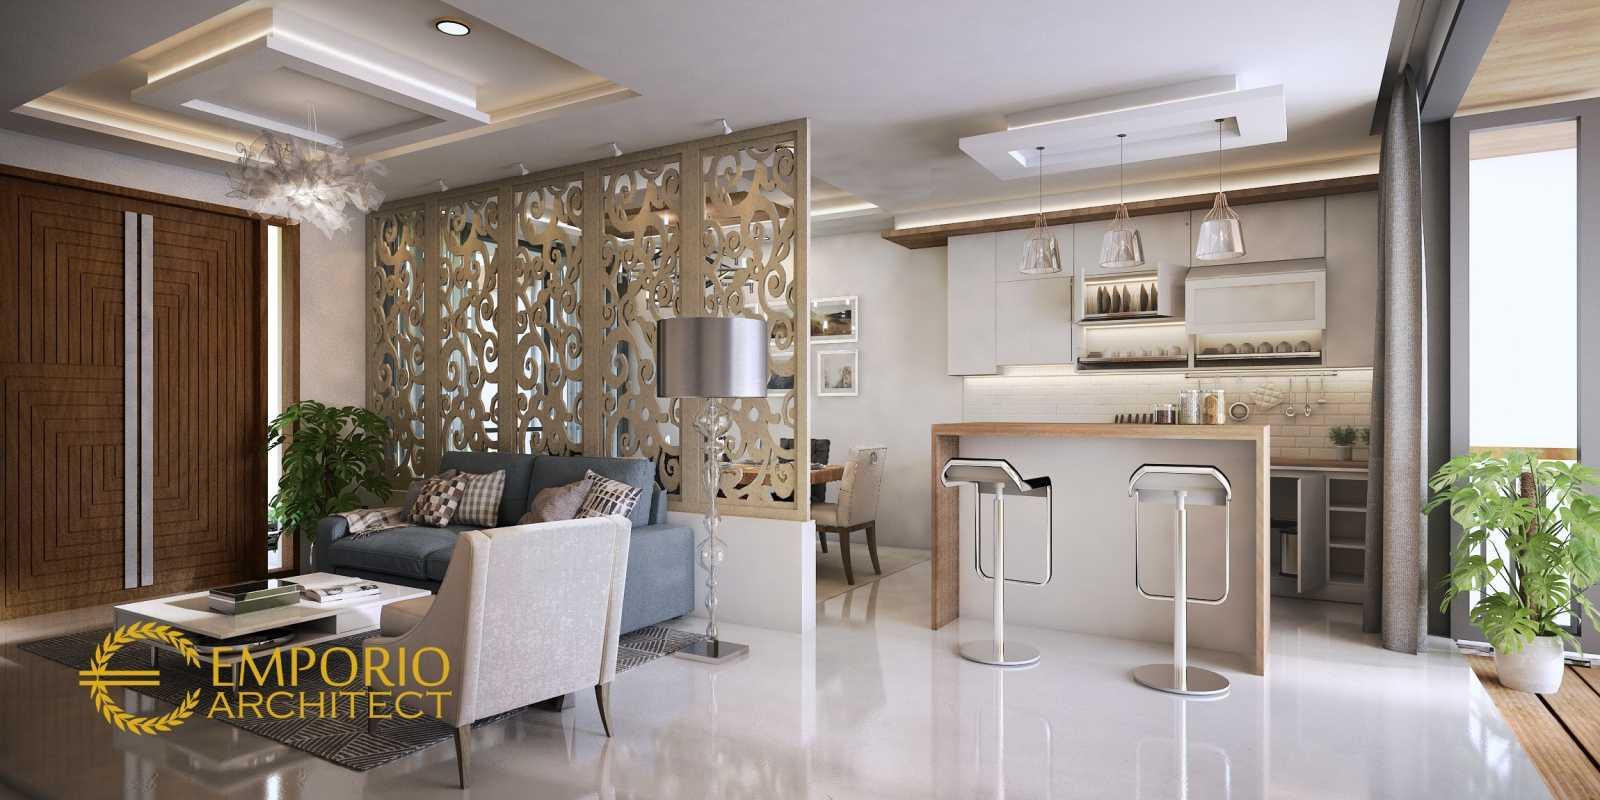 Emporio Architect Desain Rumah Modern Tropis 468 @ Tangerang Tangerang, Kota Tangerang, Banten, Indonesia Tangerang, Kota Tangerang, Banten, Indonesia Emporio-Architect-Desain-Rumah-Modern-Tropis-468-Tangerang  76594